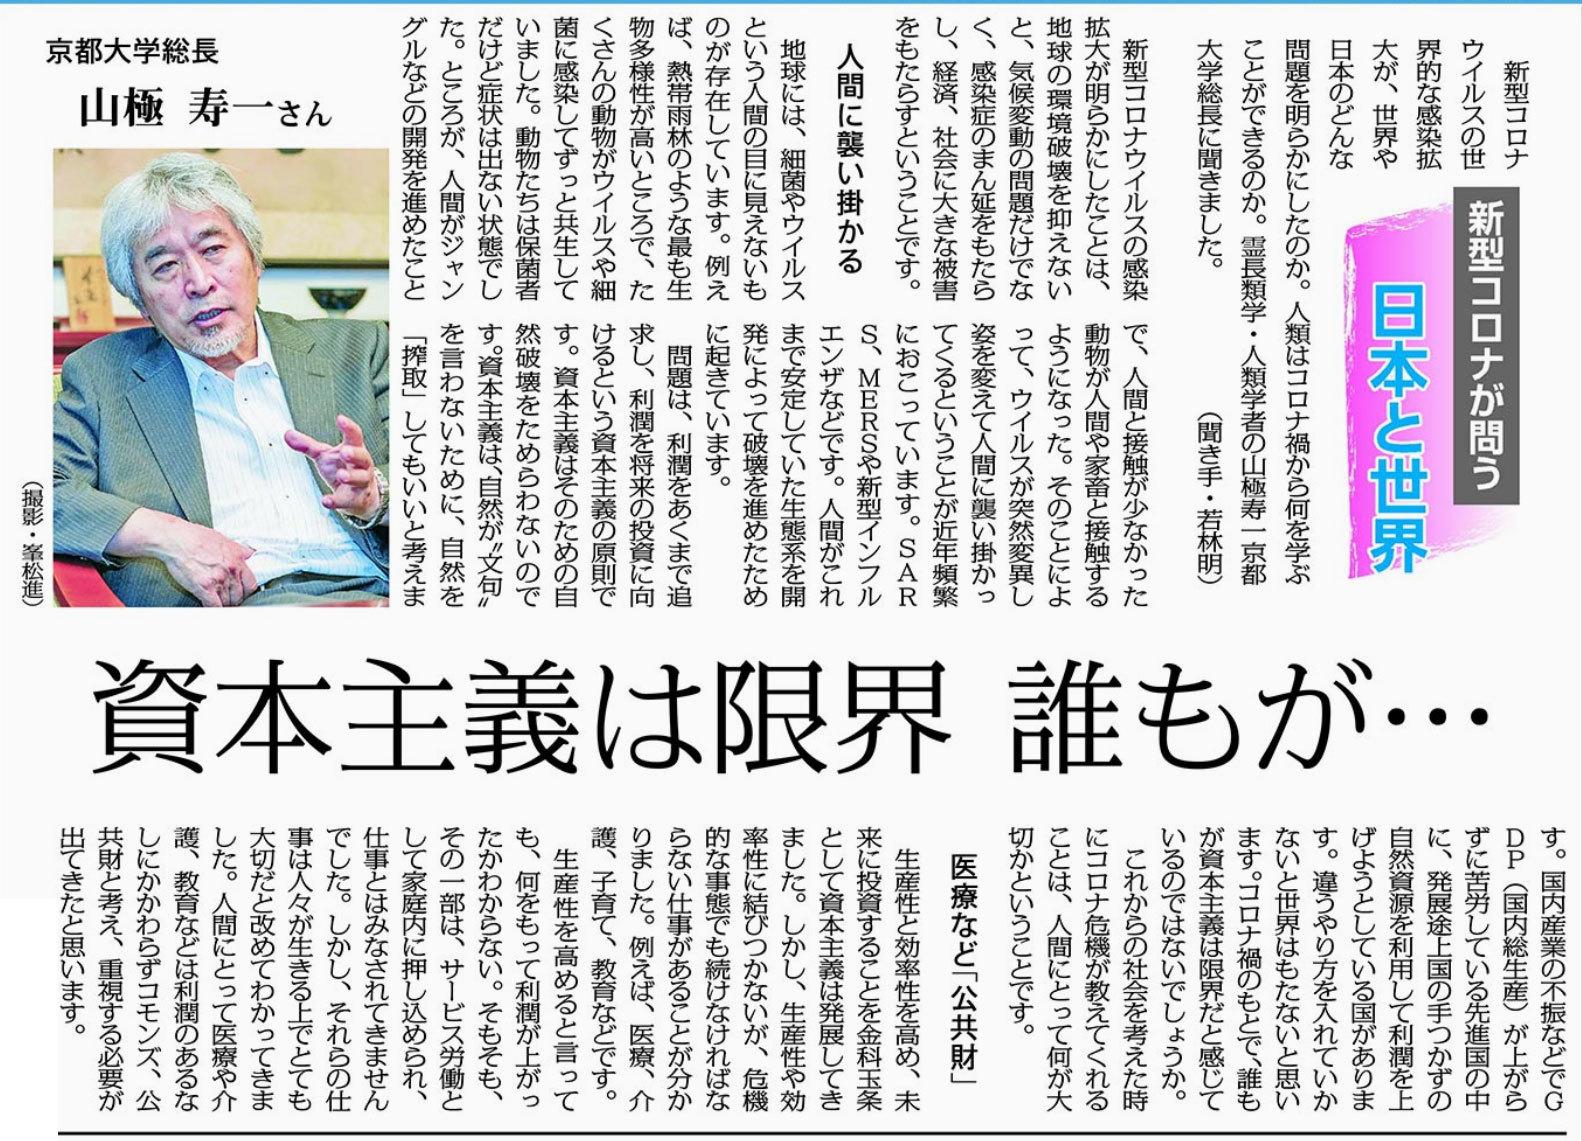 日本学術会議こそ批判・追求されなければならない_d0044584_17262255.jpg